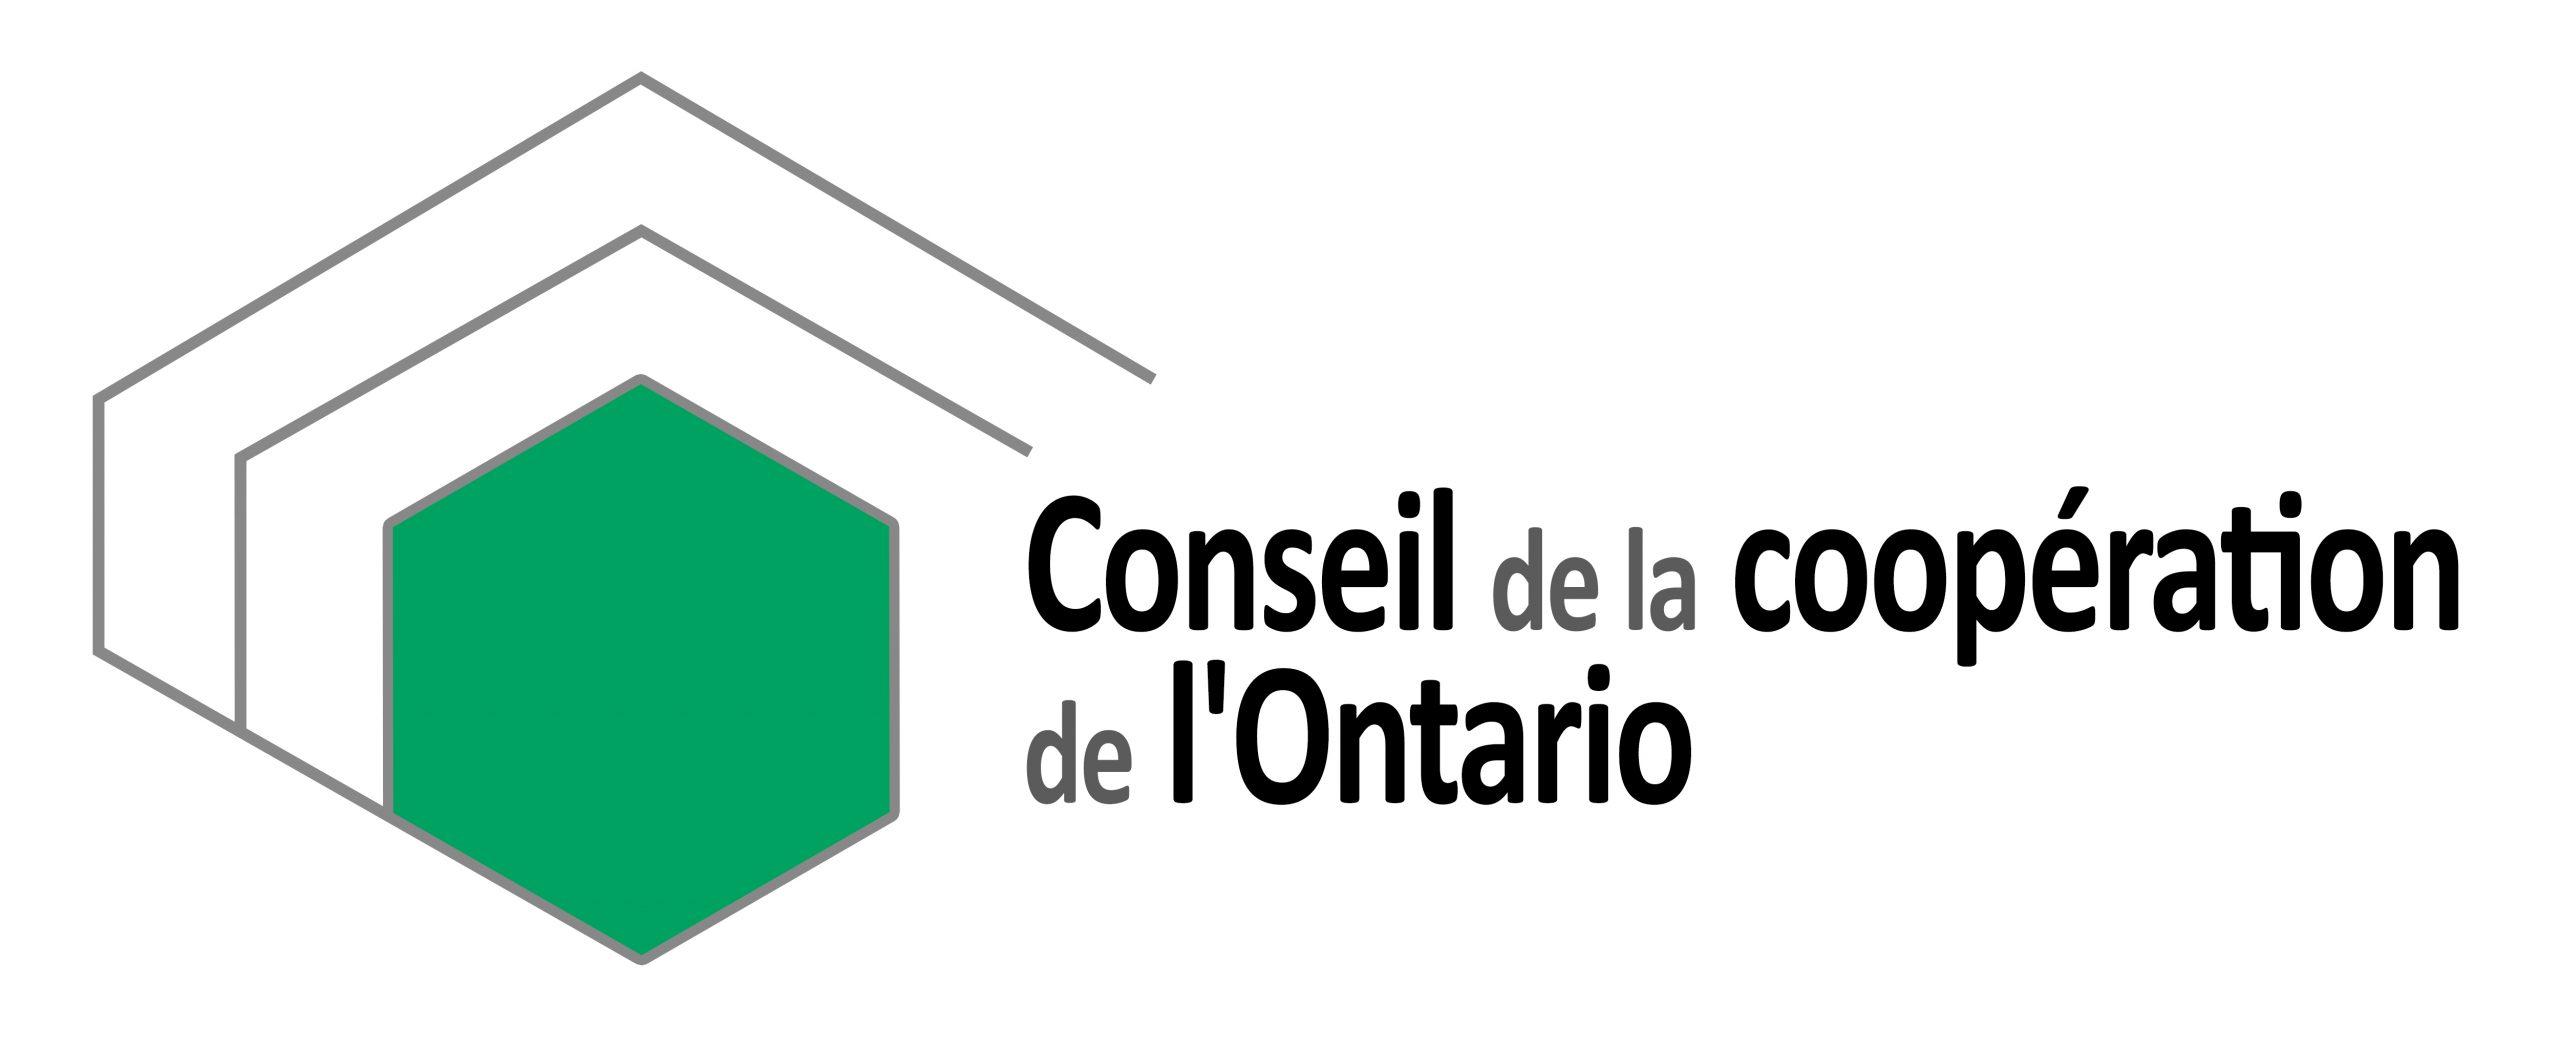 Conseil de la Coopération de l'Ontario - https://www.cco.coop/